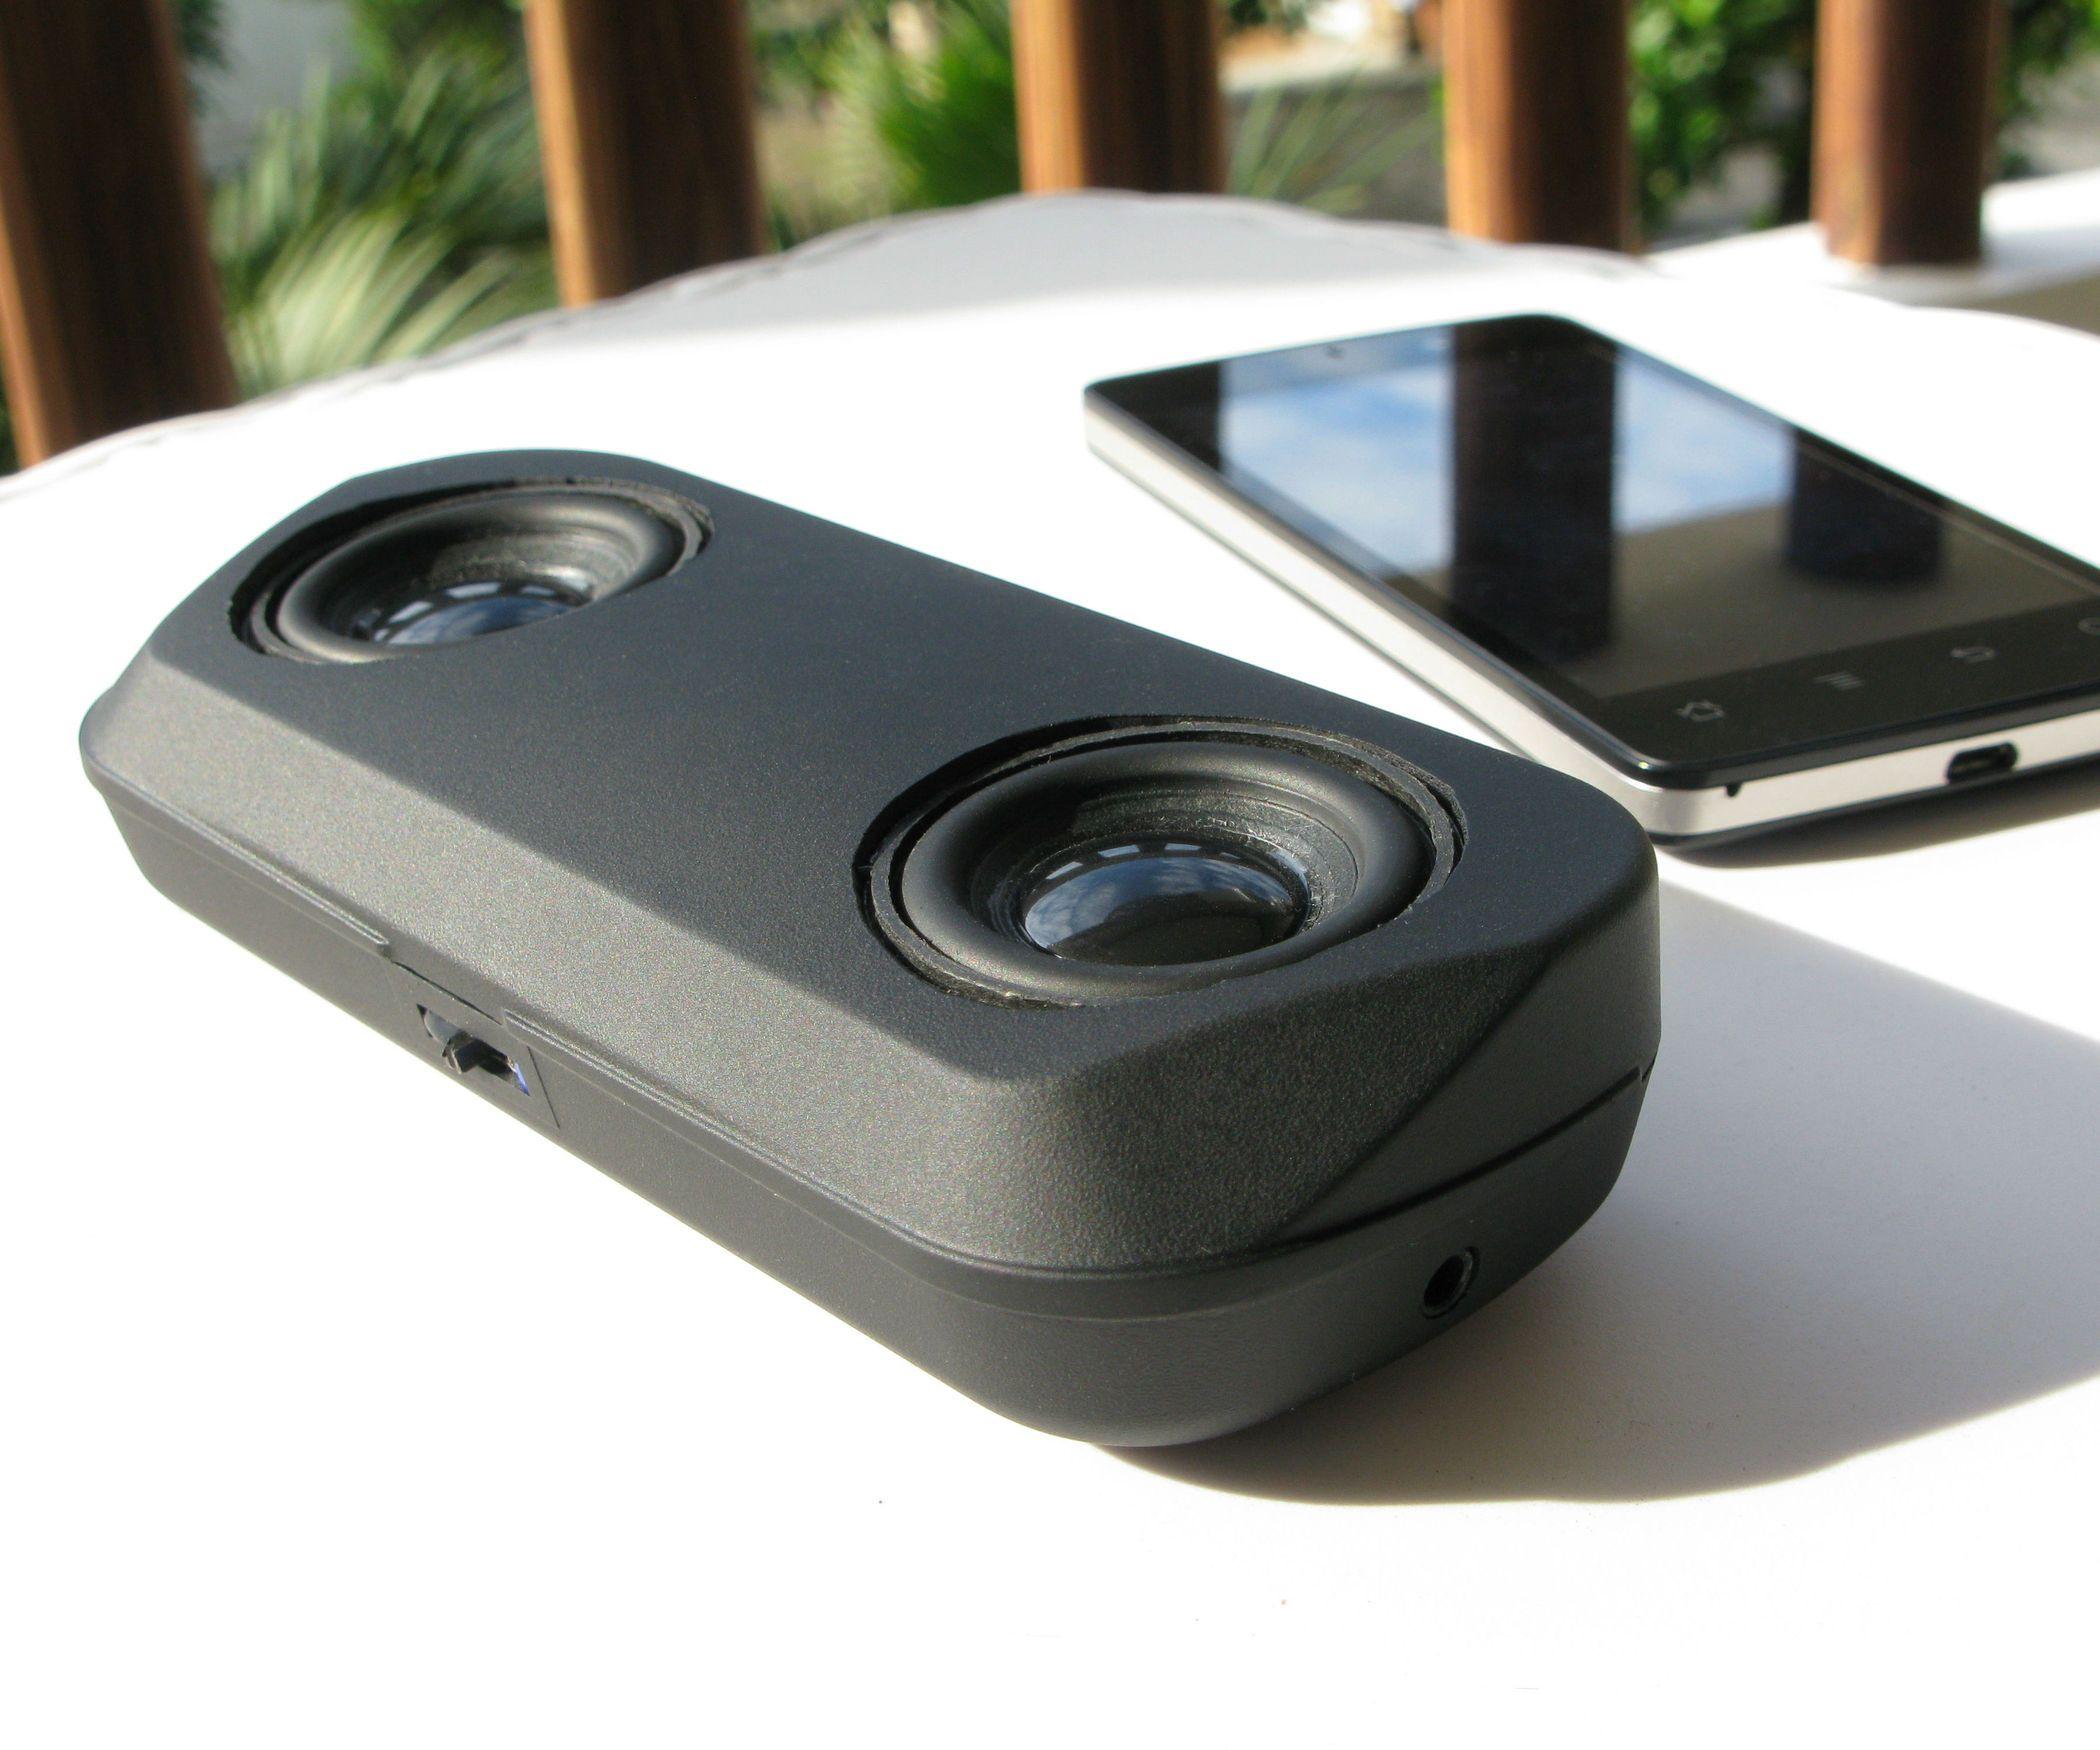 Circuito Bluetooth Casero : Diy bluetooth speaker pinterest electrónica audio y altavoces